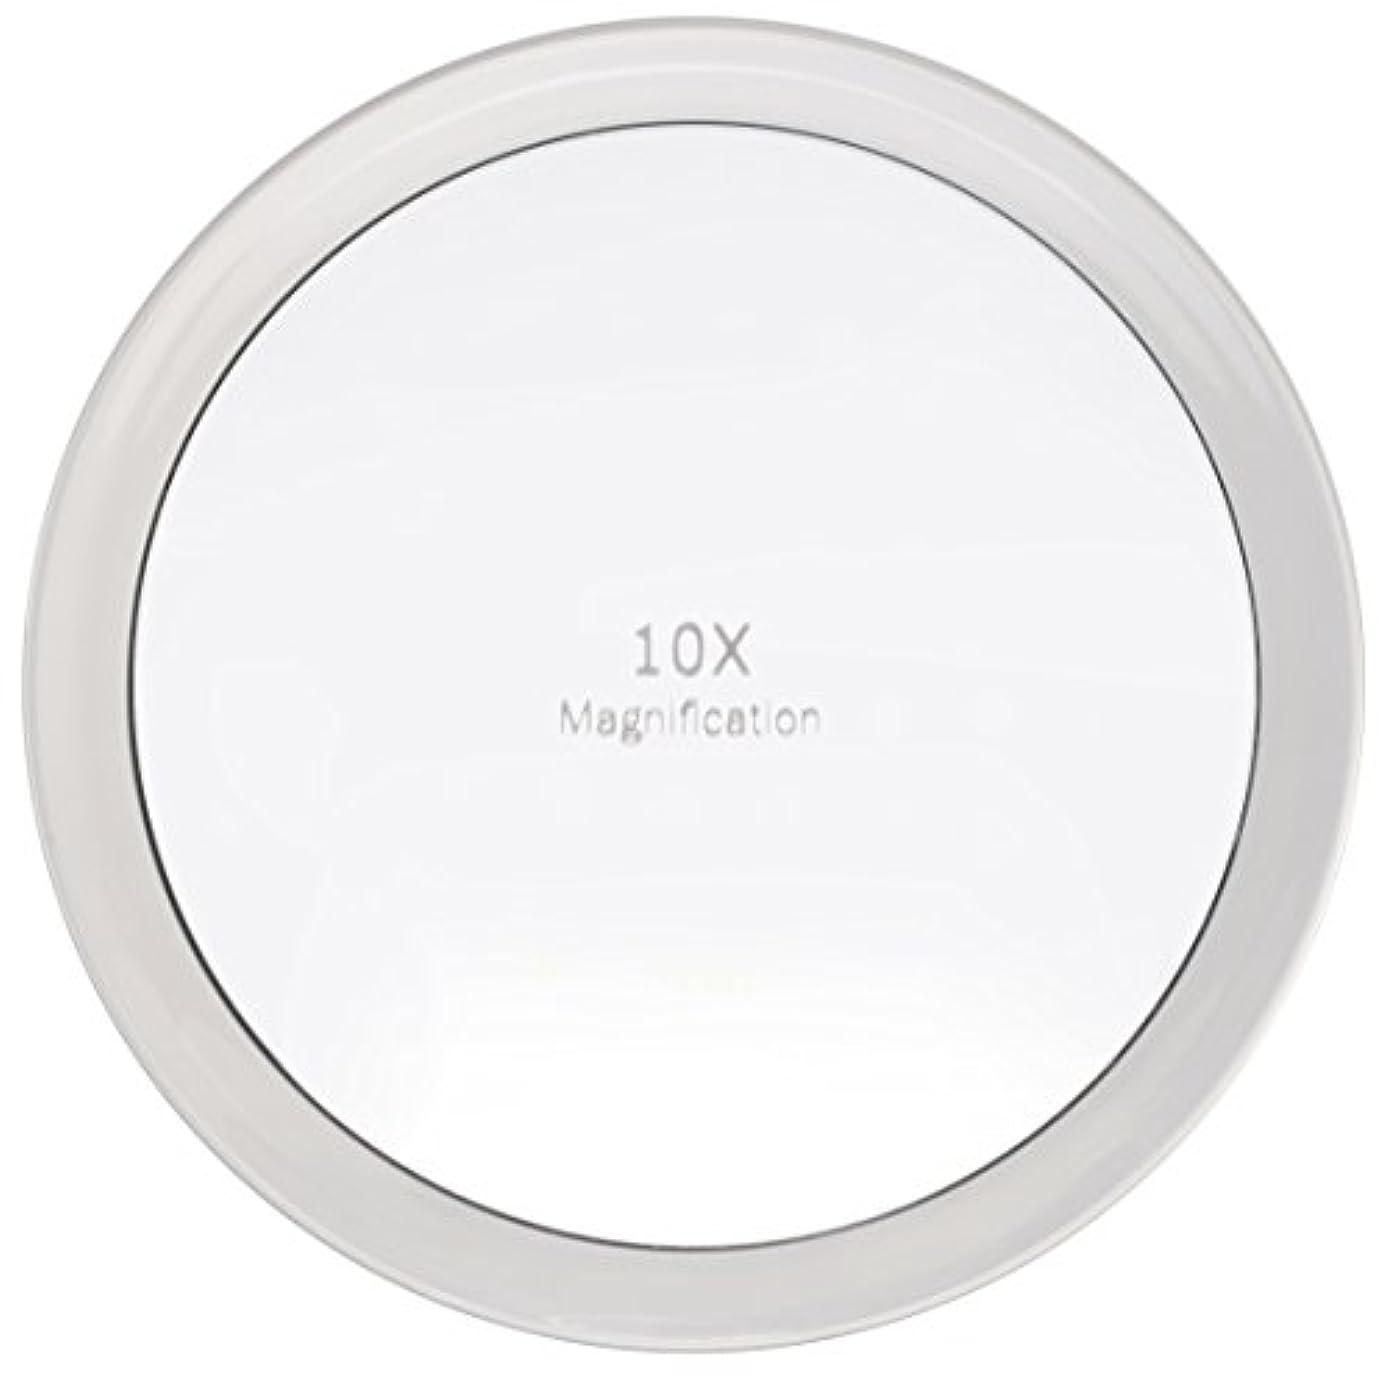 クレデンシャル王朝テーブルを設定するMiss Sweet 吸盤付きミラー 拡大鏡 化粧鏡 (A: 10倍 19.5cm)